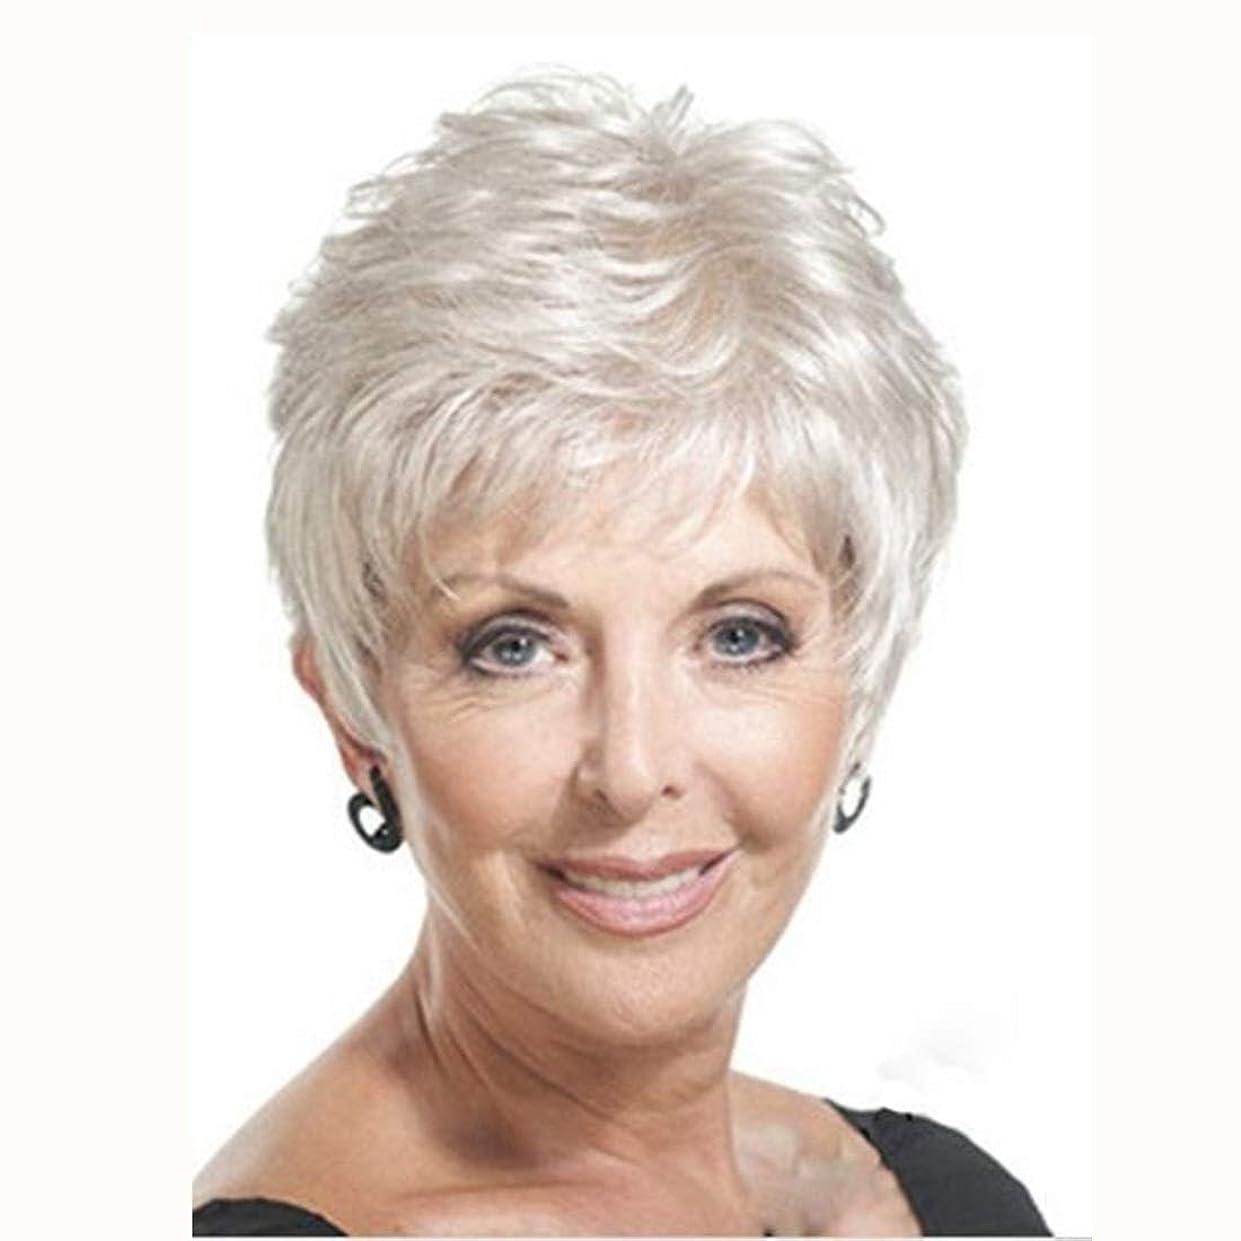 偏心貨物の間にSummerys 女性のための前髪の髪のかつらと白の短いストレートヘア耐熱合成かつら